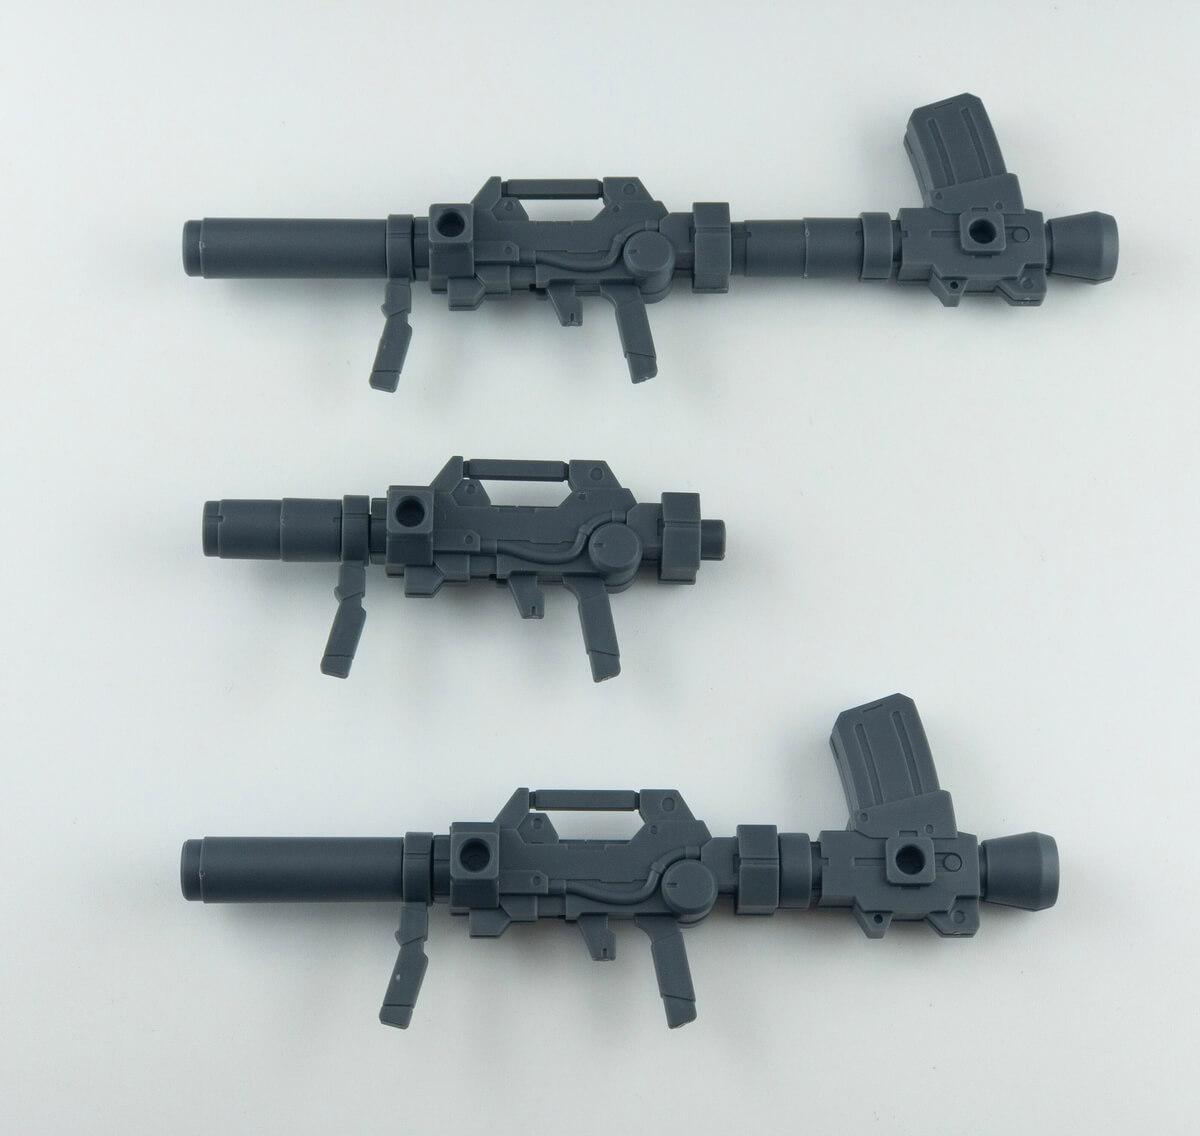 一張含有 武器, 桌, 大, 團體 的圖片 自動產生的描述